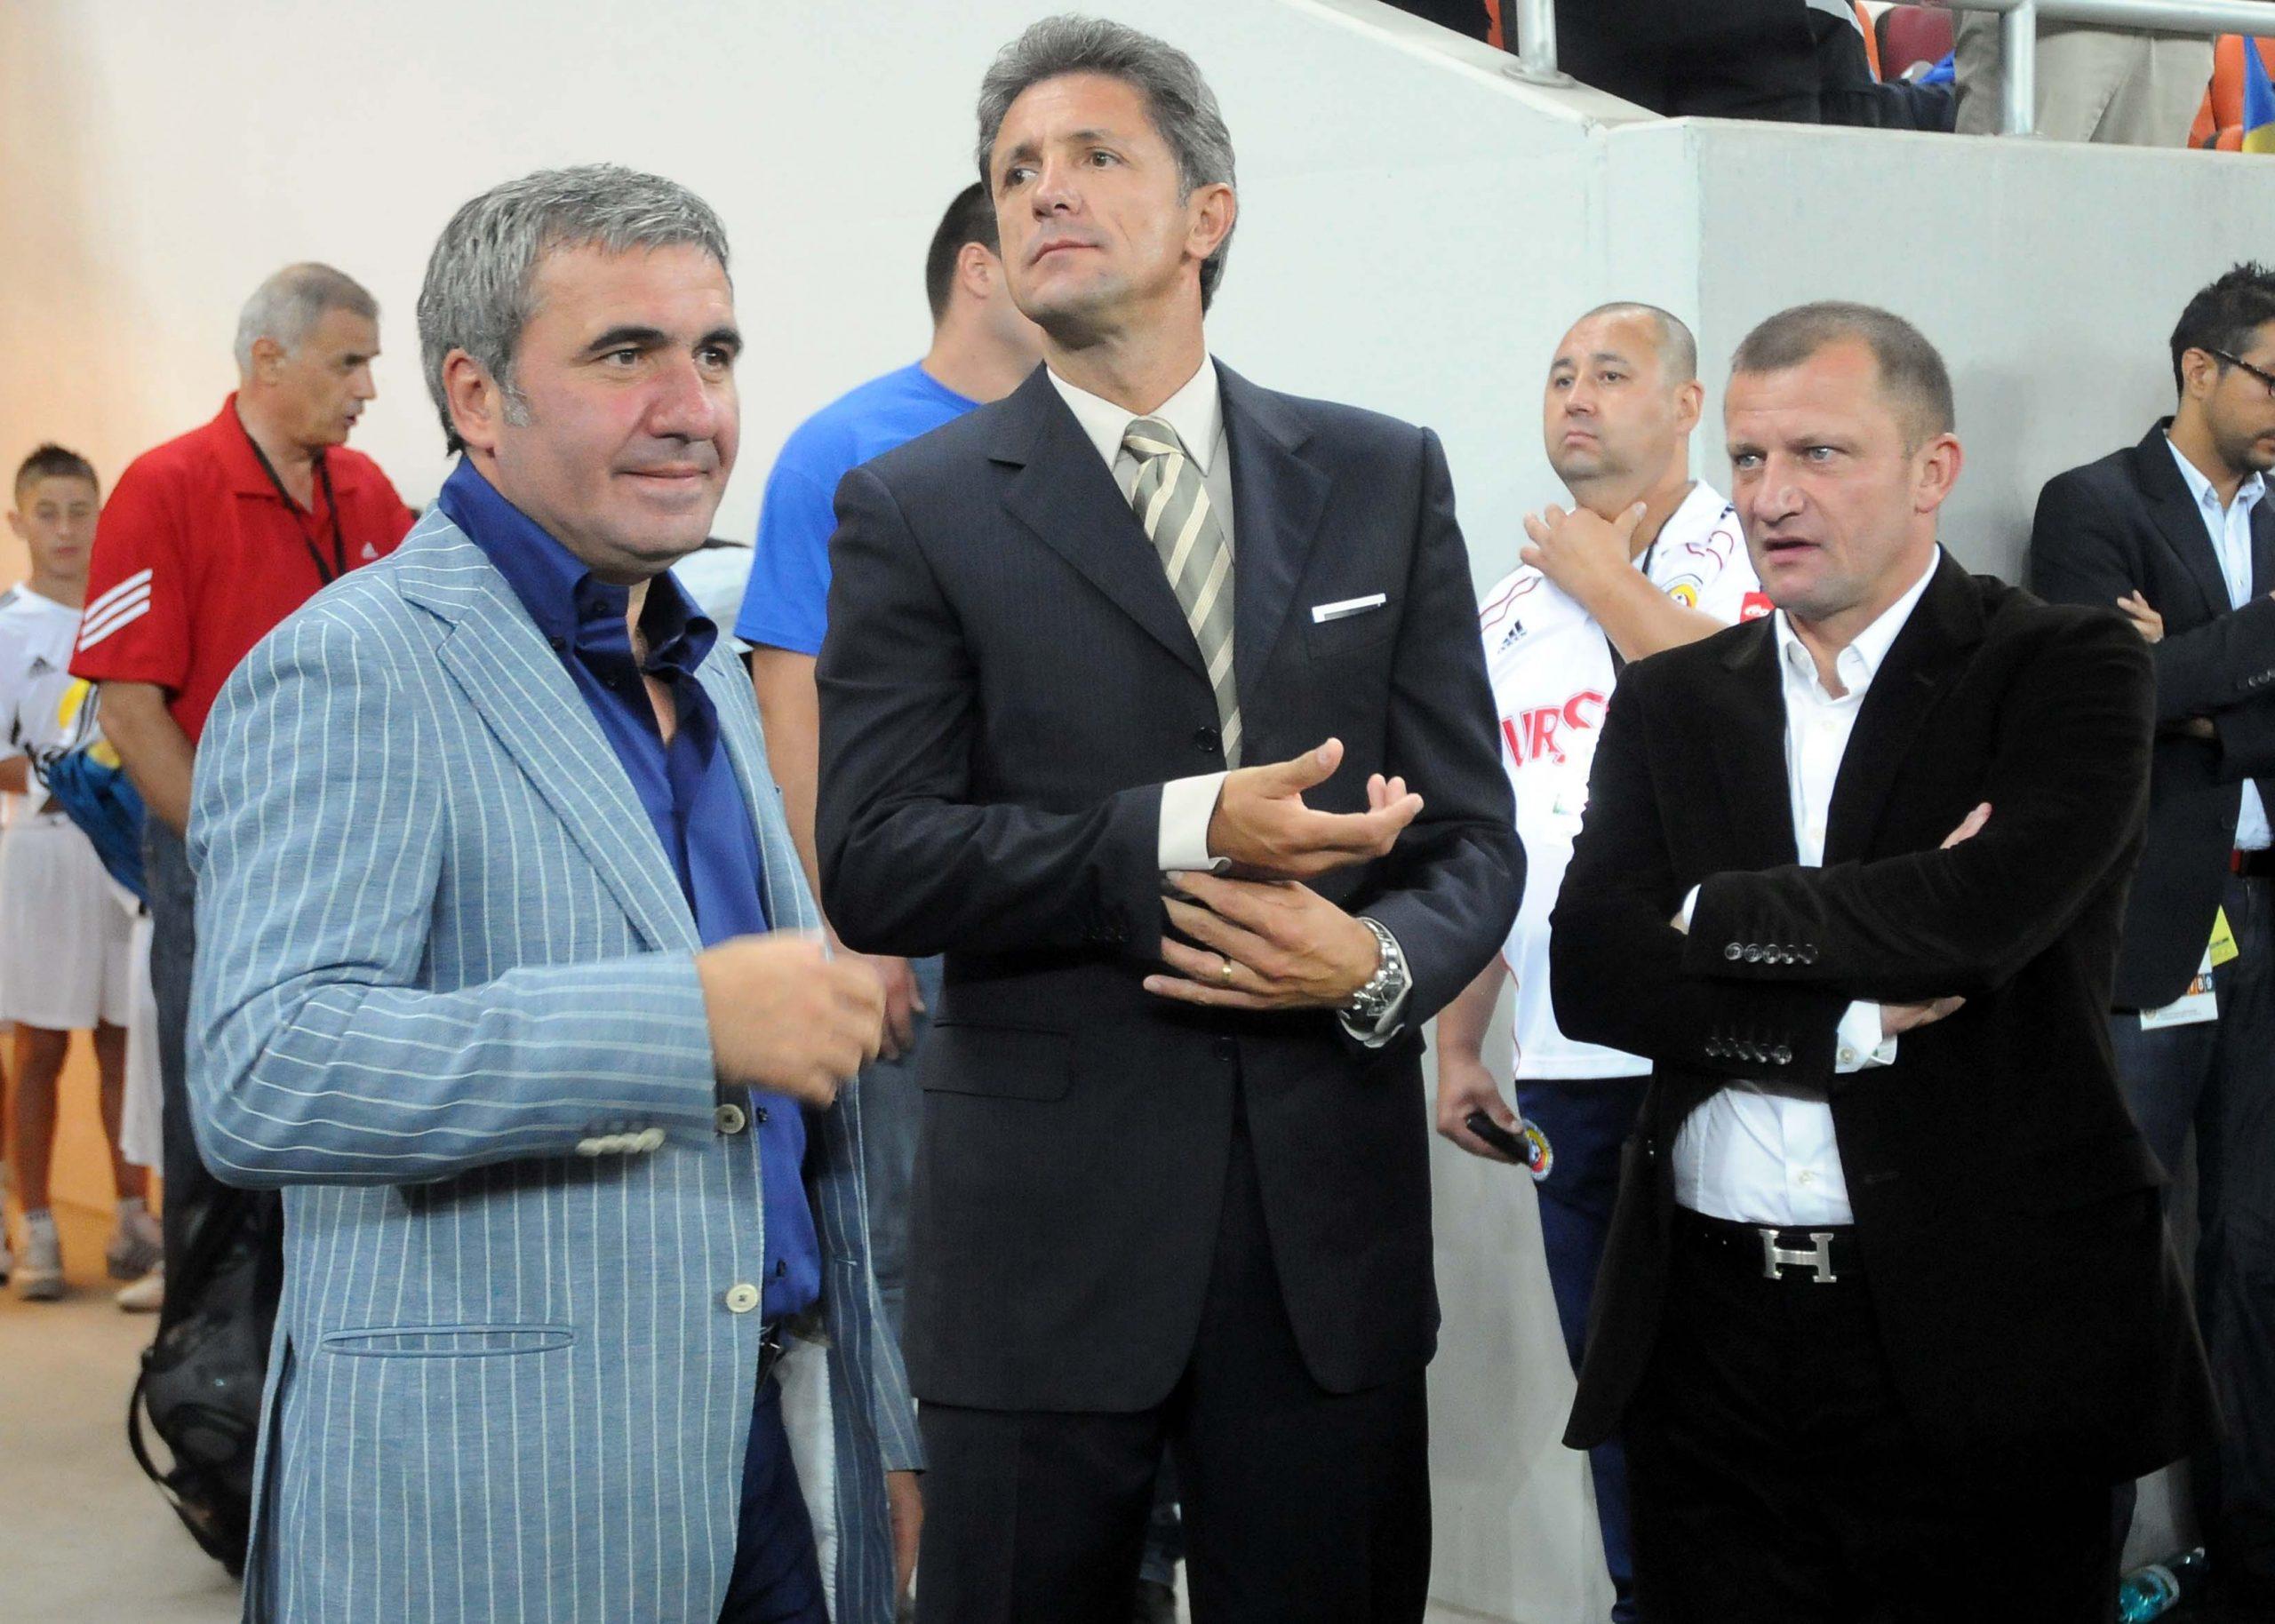 Gică Hagi și Gică Popescu nu mai merg pe Arena Națională